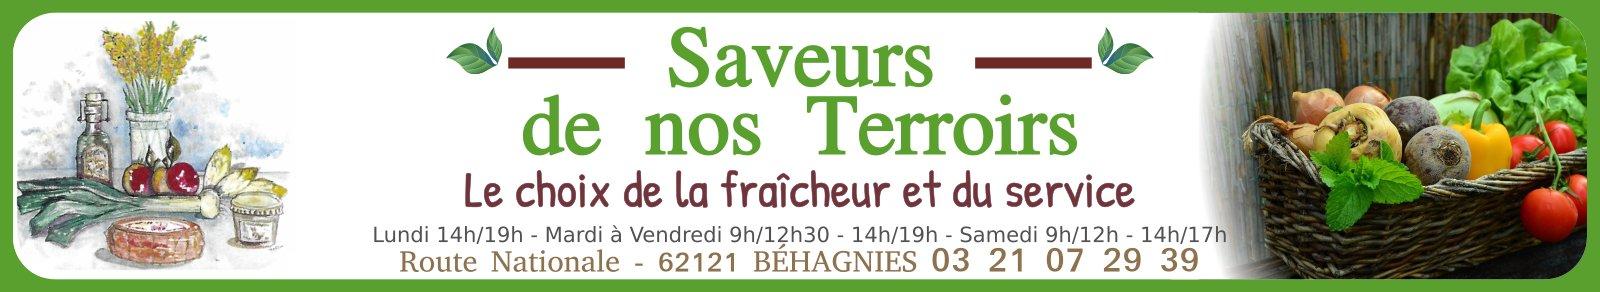 https://www.saveursdenosterroirs.frSaveurs de nos Terroirs